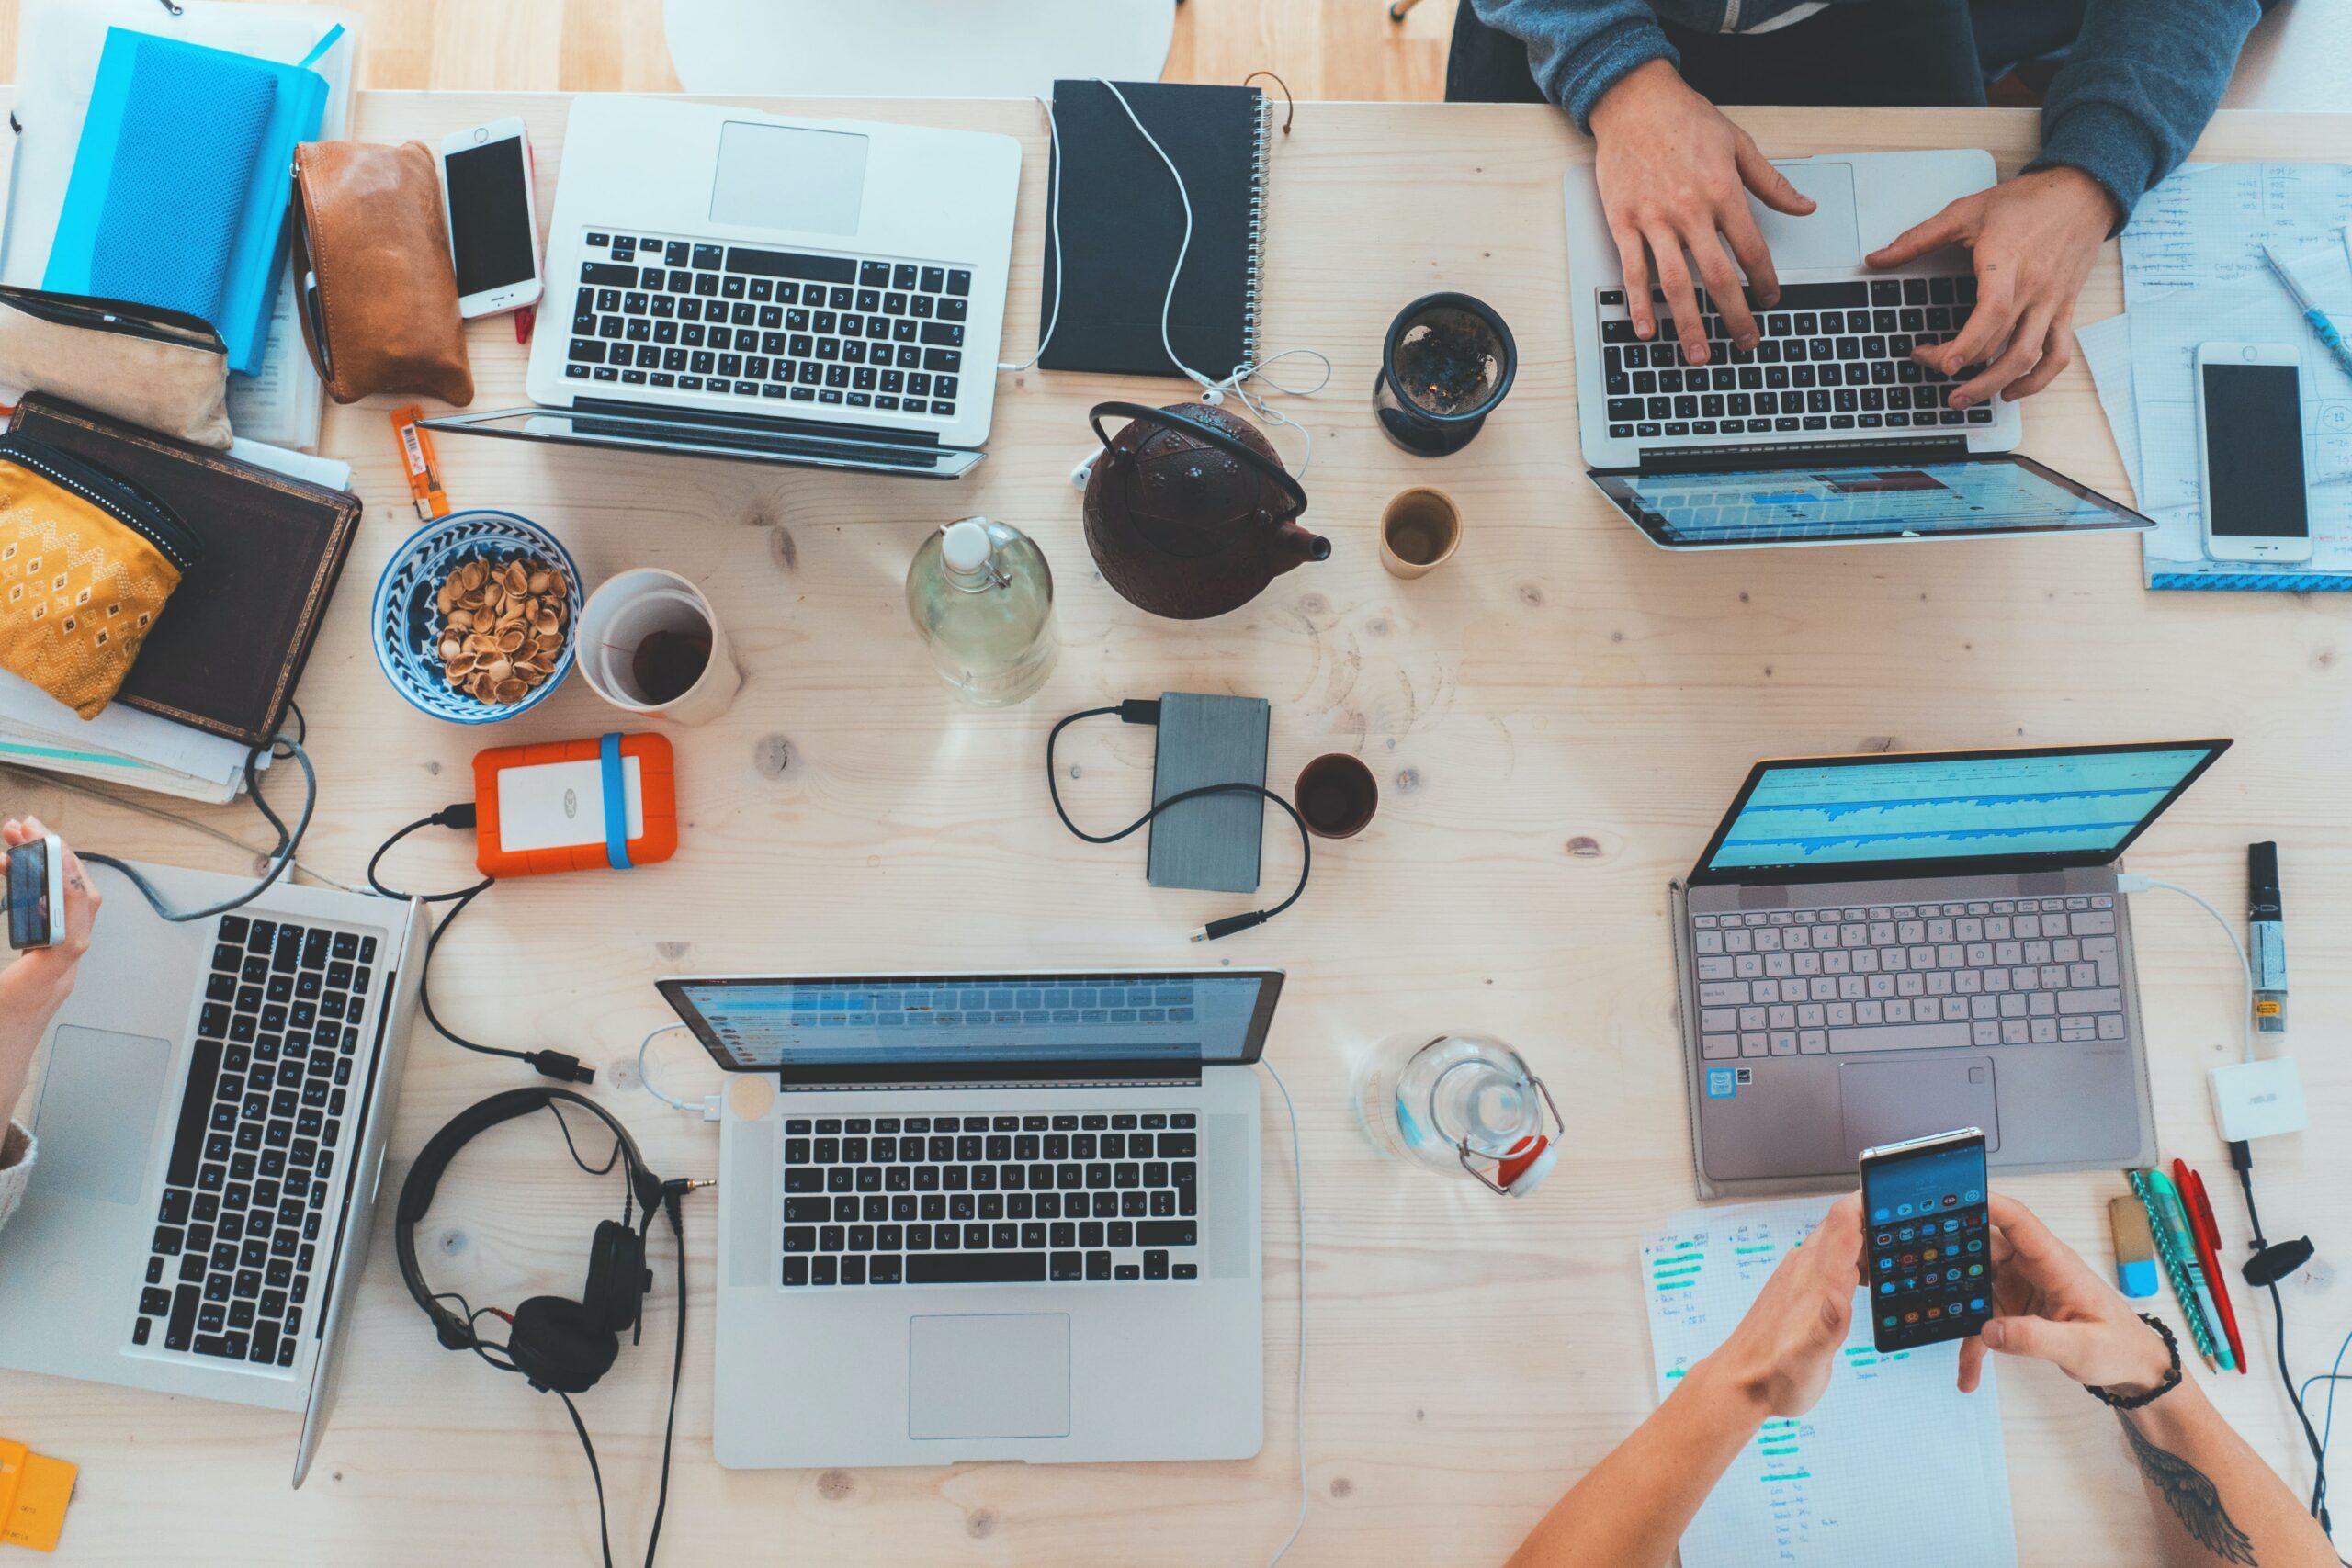 Equipo de trabajo de Marketing digital con ordenadores, móviles, escritorio